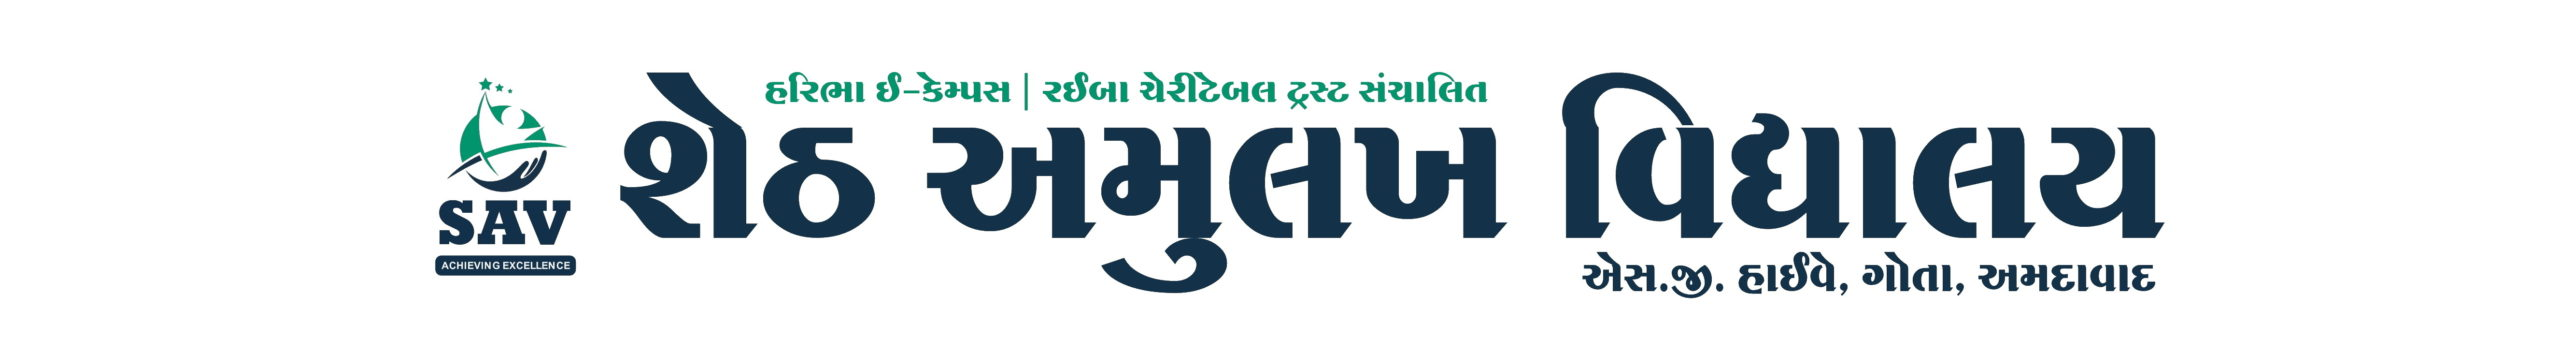 Sheth Amulakh Vidhyalay